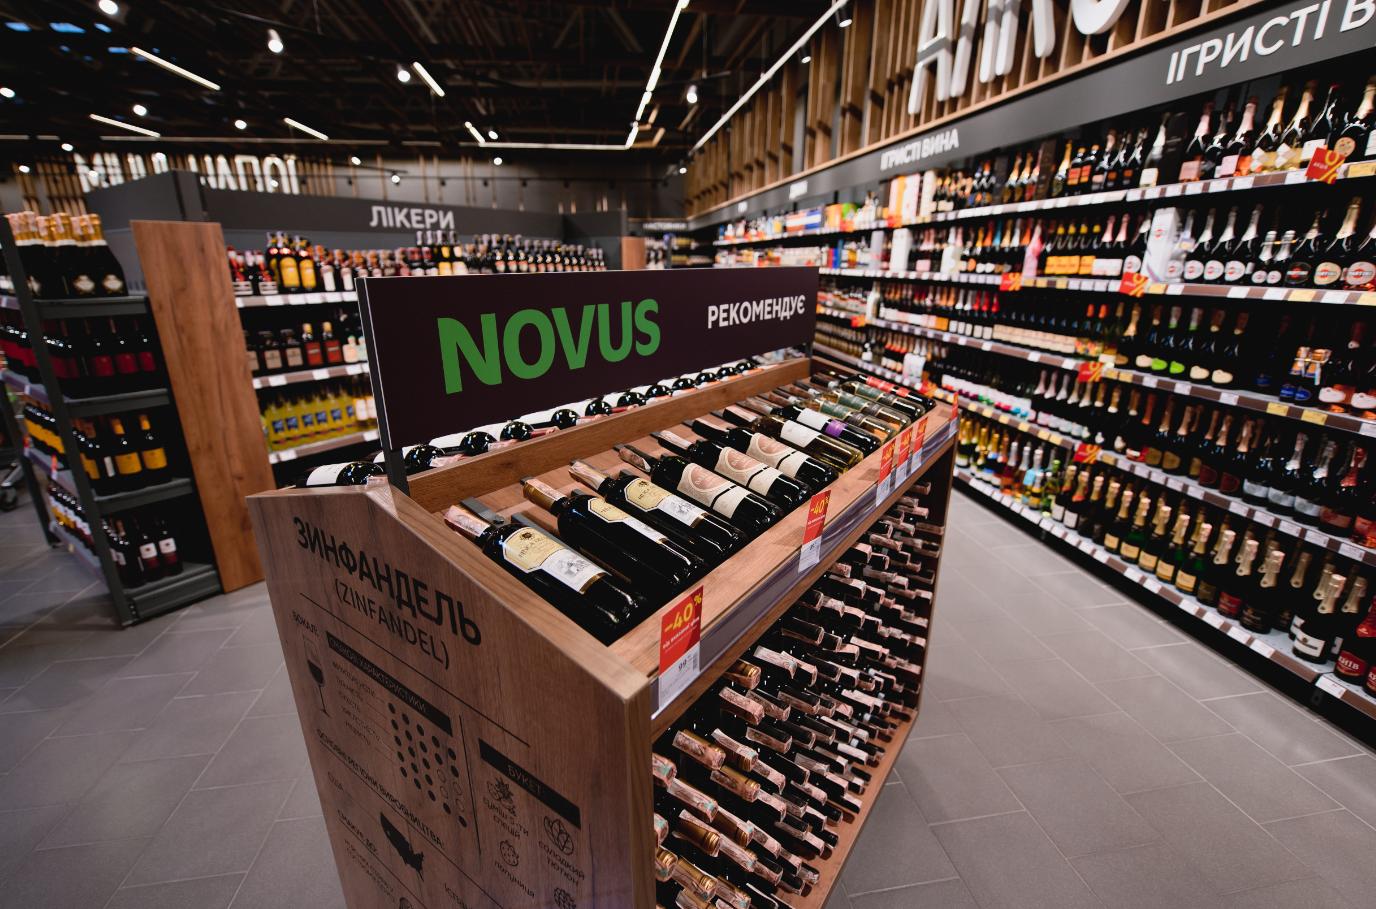 Уникальные рецептуры и новые зоны в Novus в Retroville